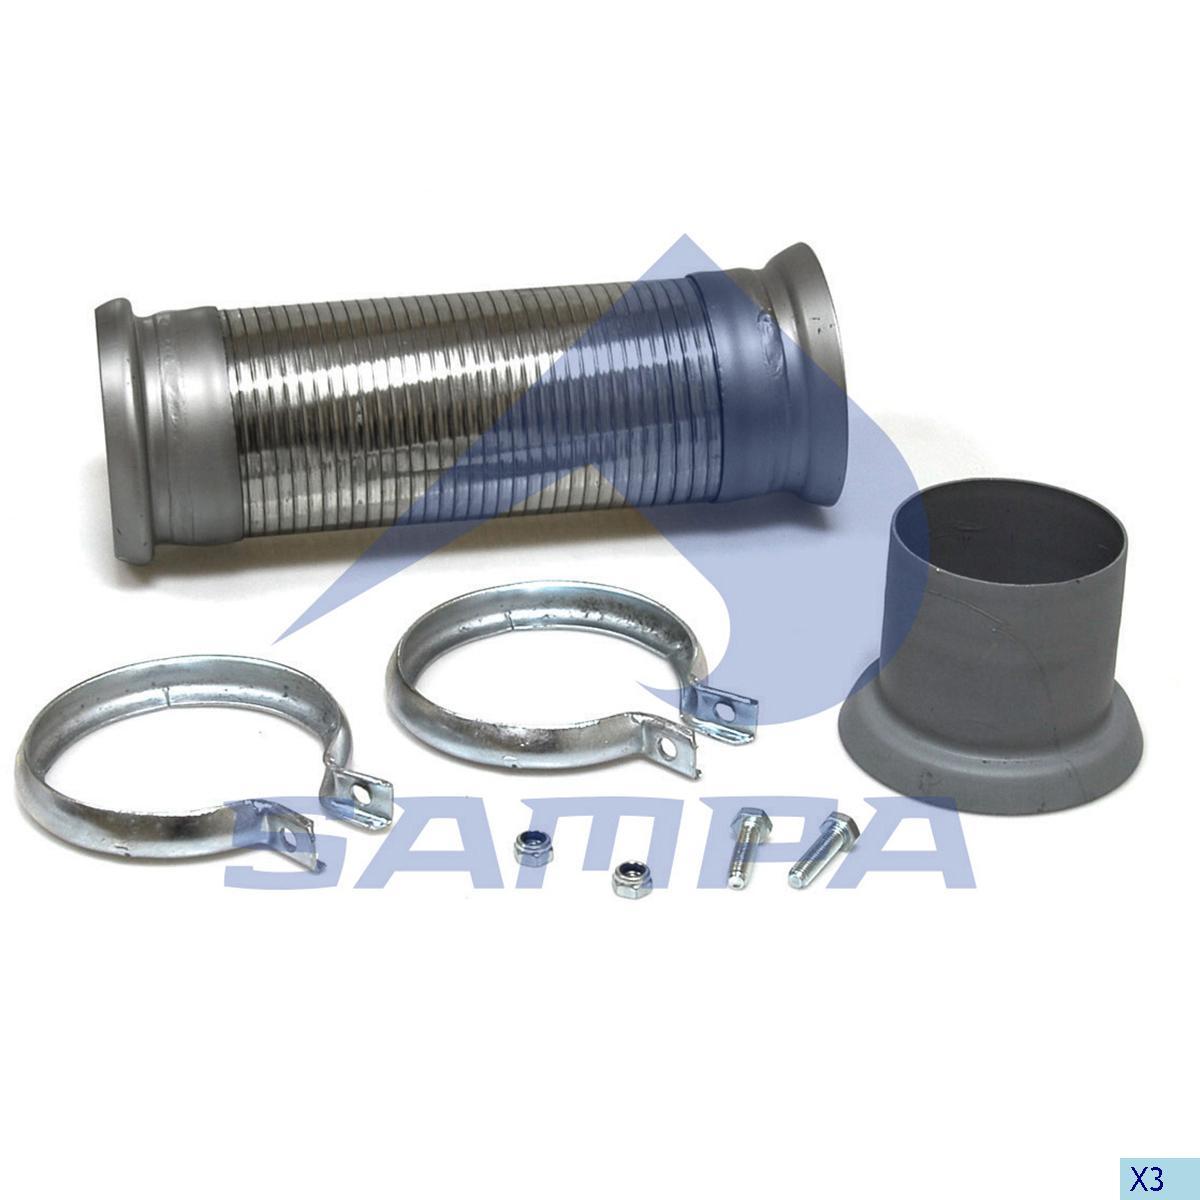 Repair Kit, Exhaust, Mercedes, Engine